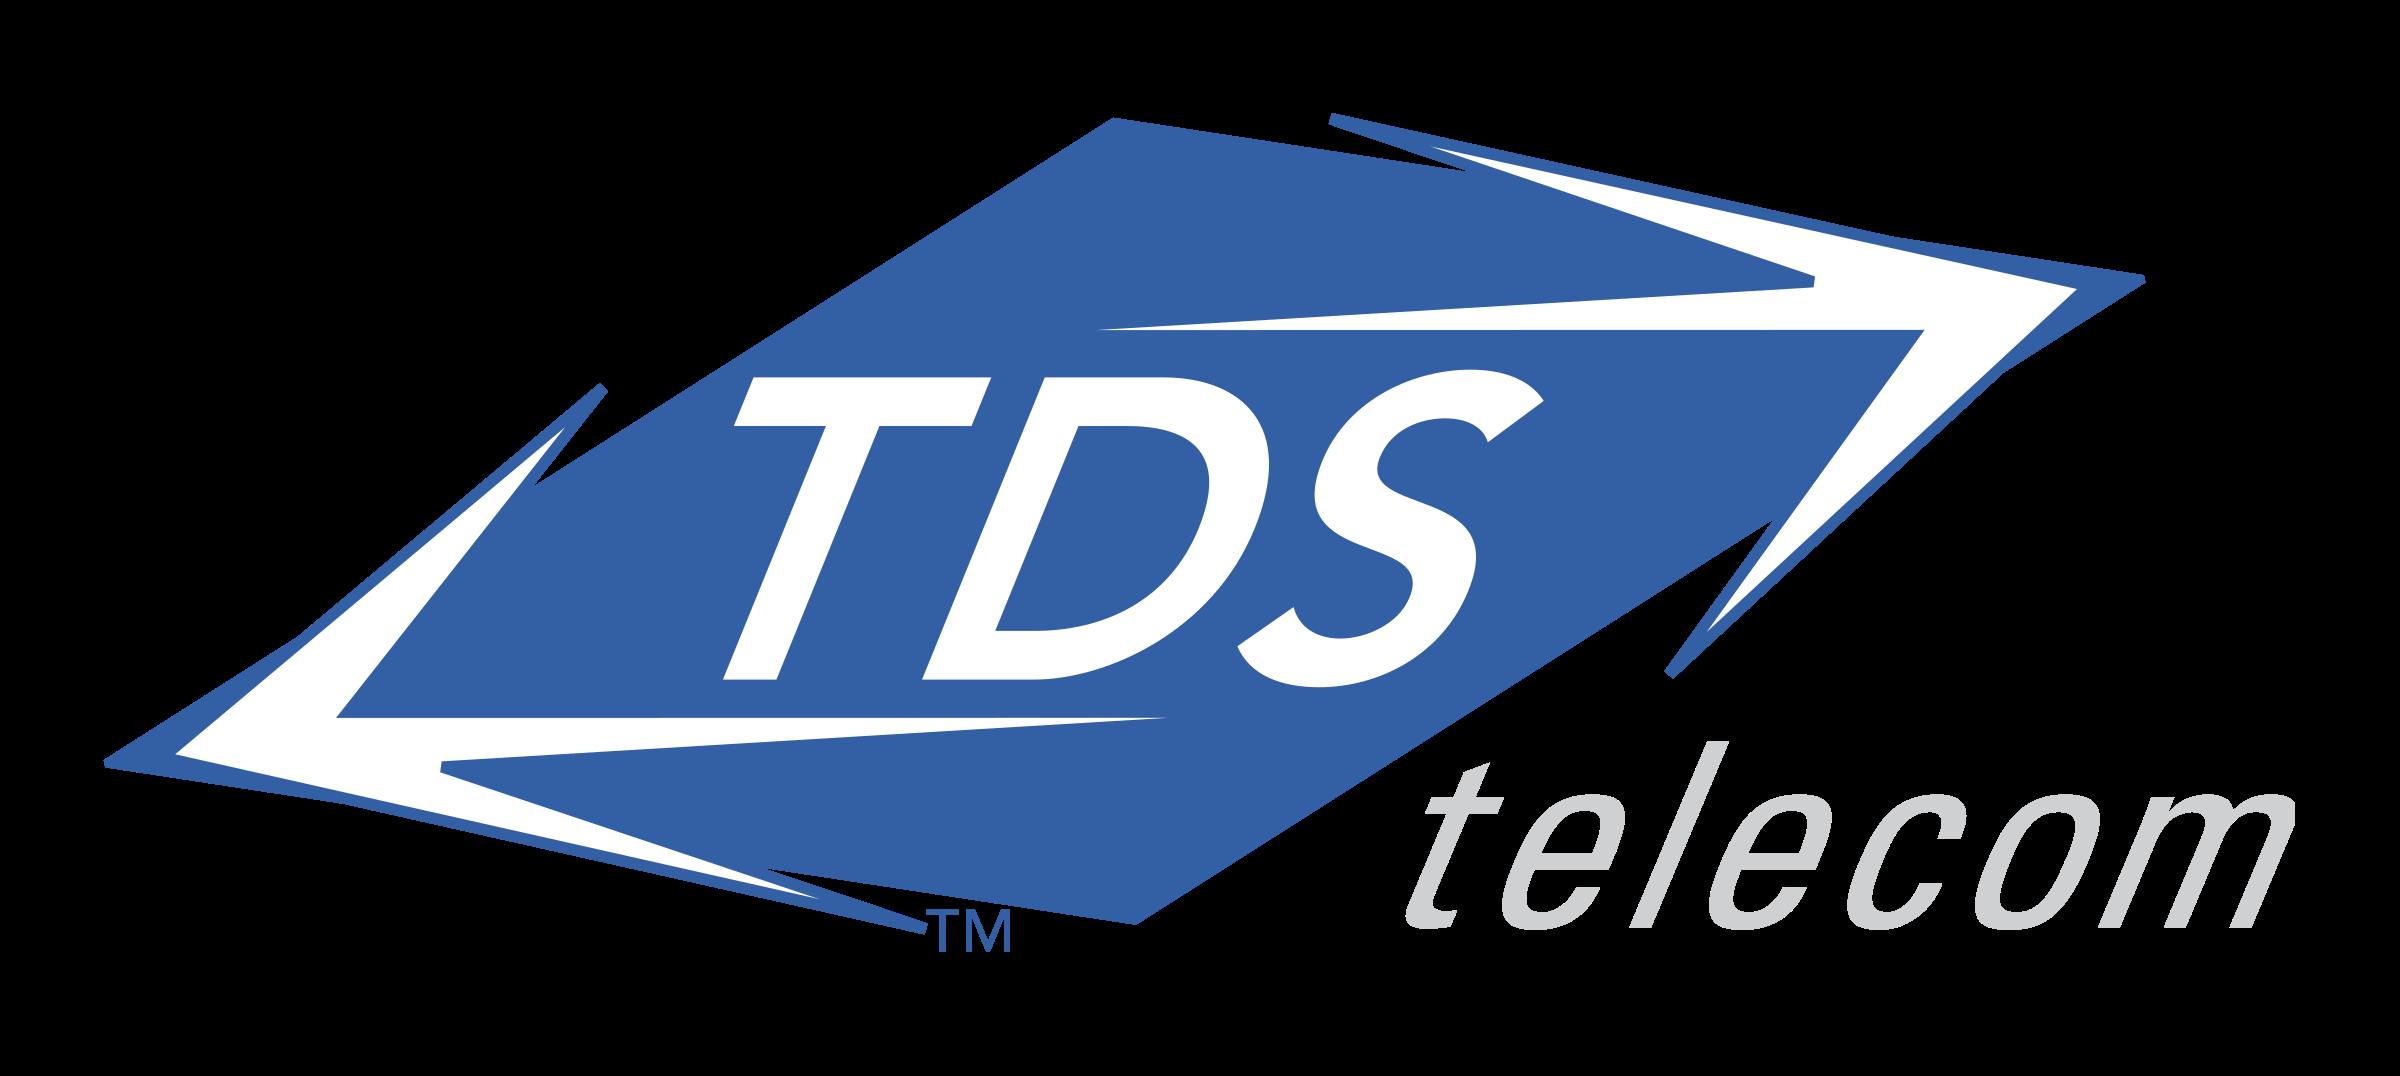 tds-telecom-1-logo-png-transparent